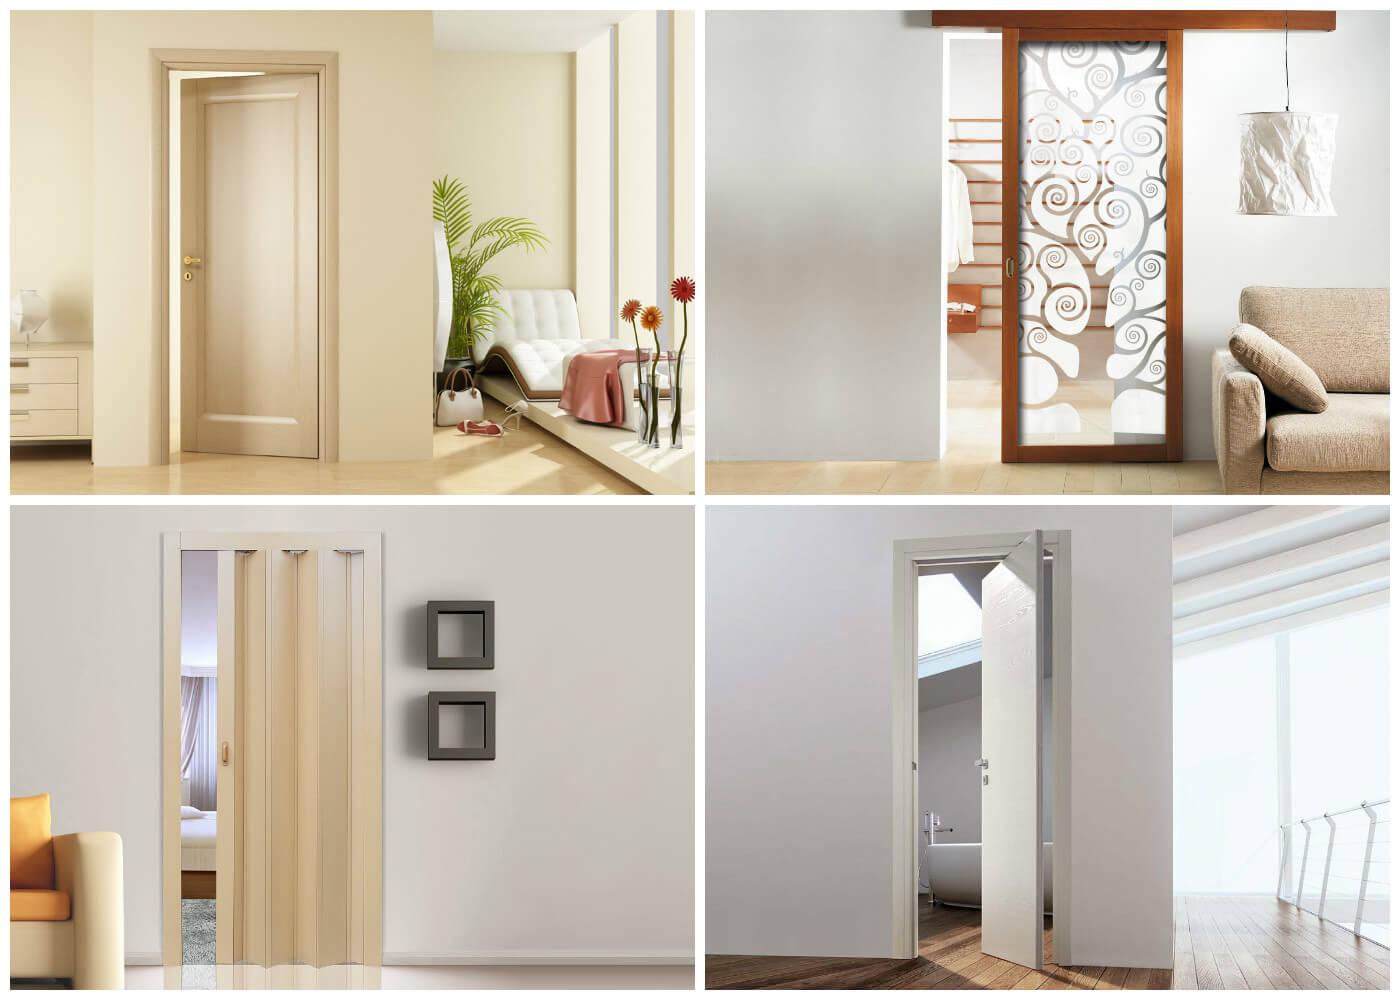 Варианты устройства дверей с разным способом открывания для квартир с неудачной планировкой